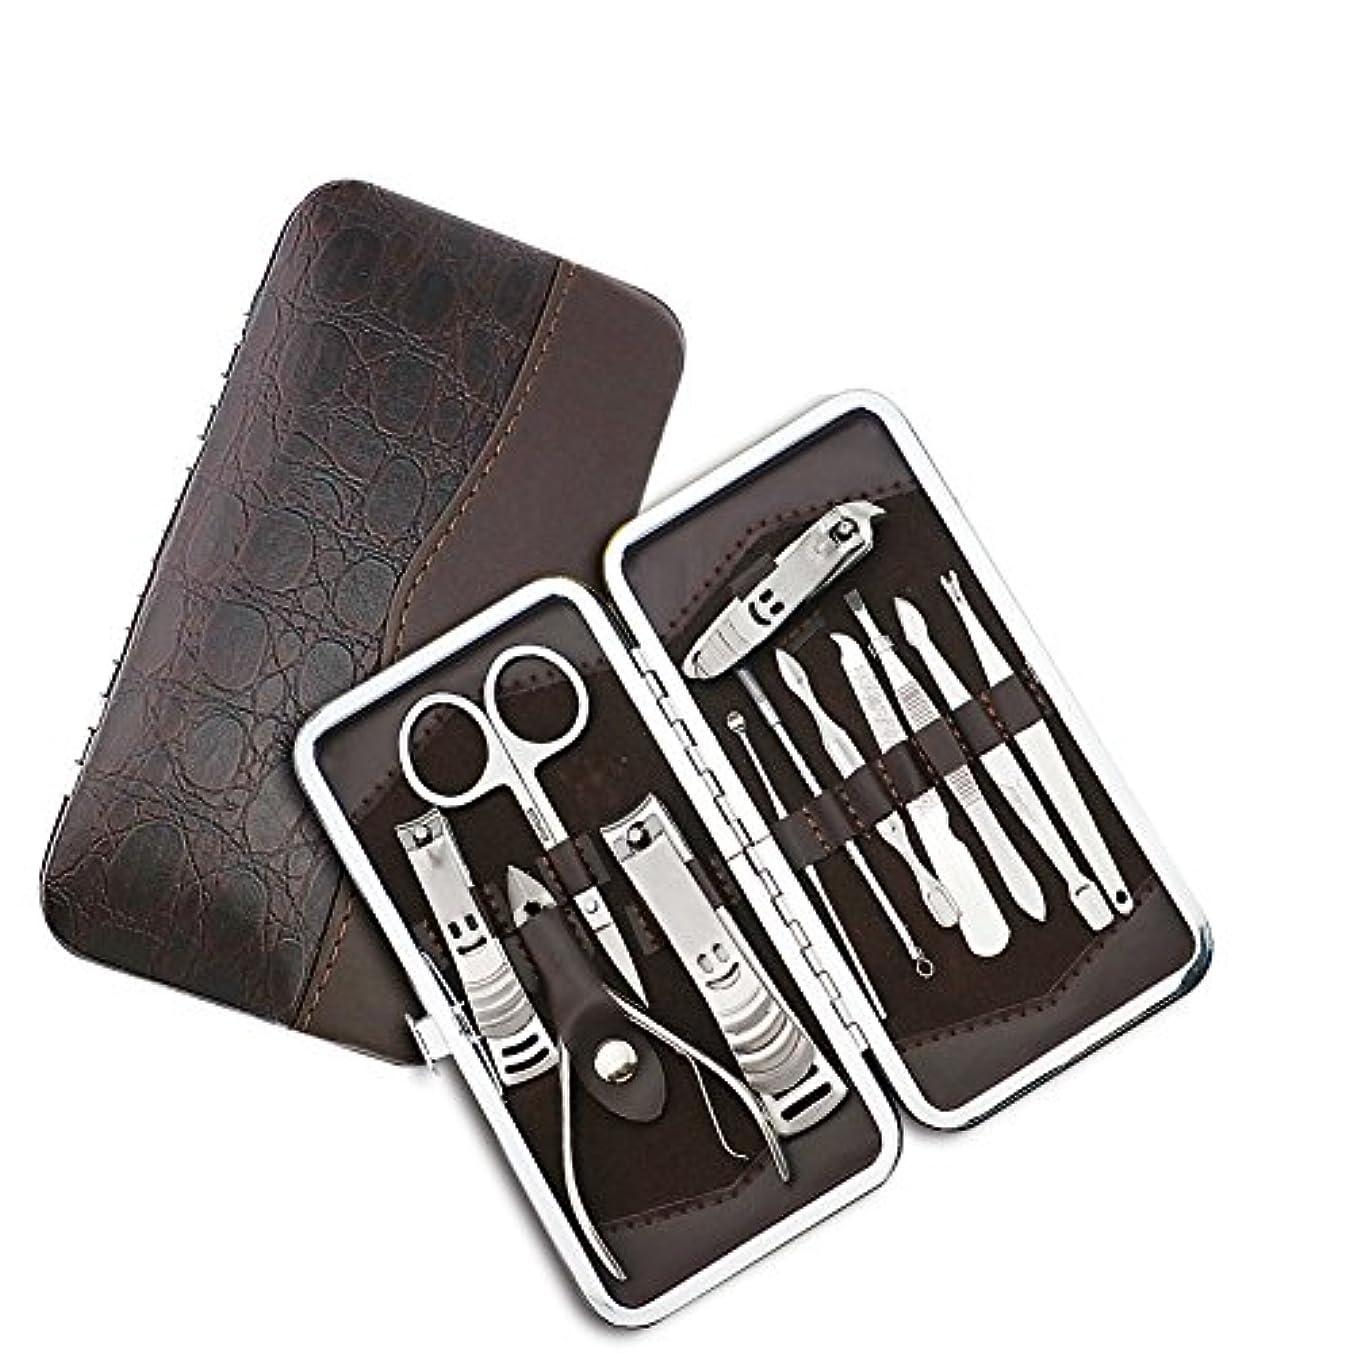 複製するゴミ旅行ネイルはさみネイルクリッパートラベルセット、プロフェッショナルステンレスネイルケアセットベビーセーフネイルクリッパーパーソナルマニキュアセットペディキュアセットは、男性と女性のための指、手足で使用爪切り